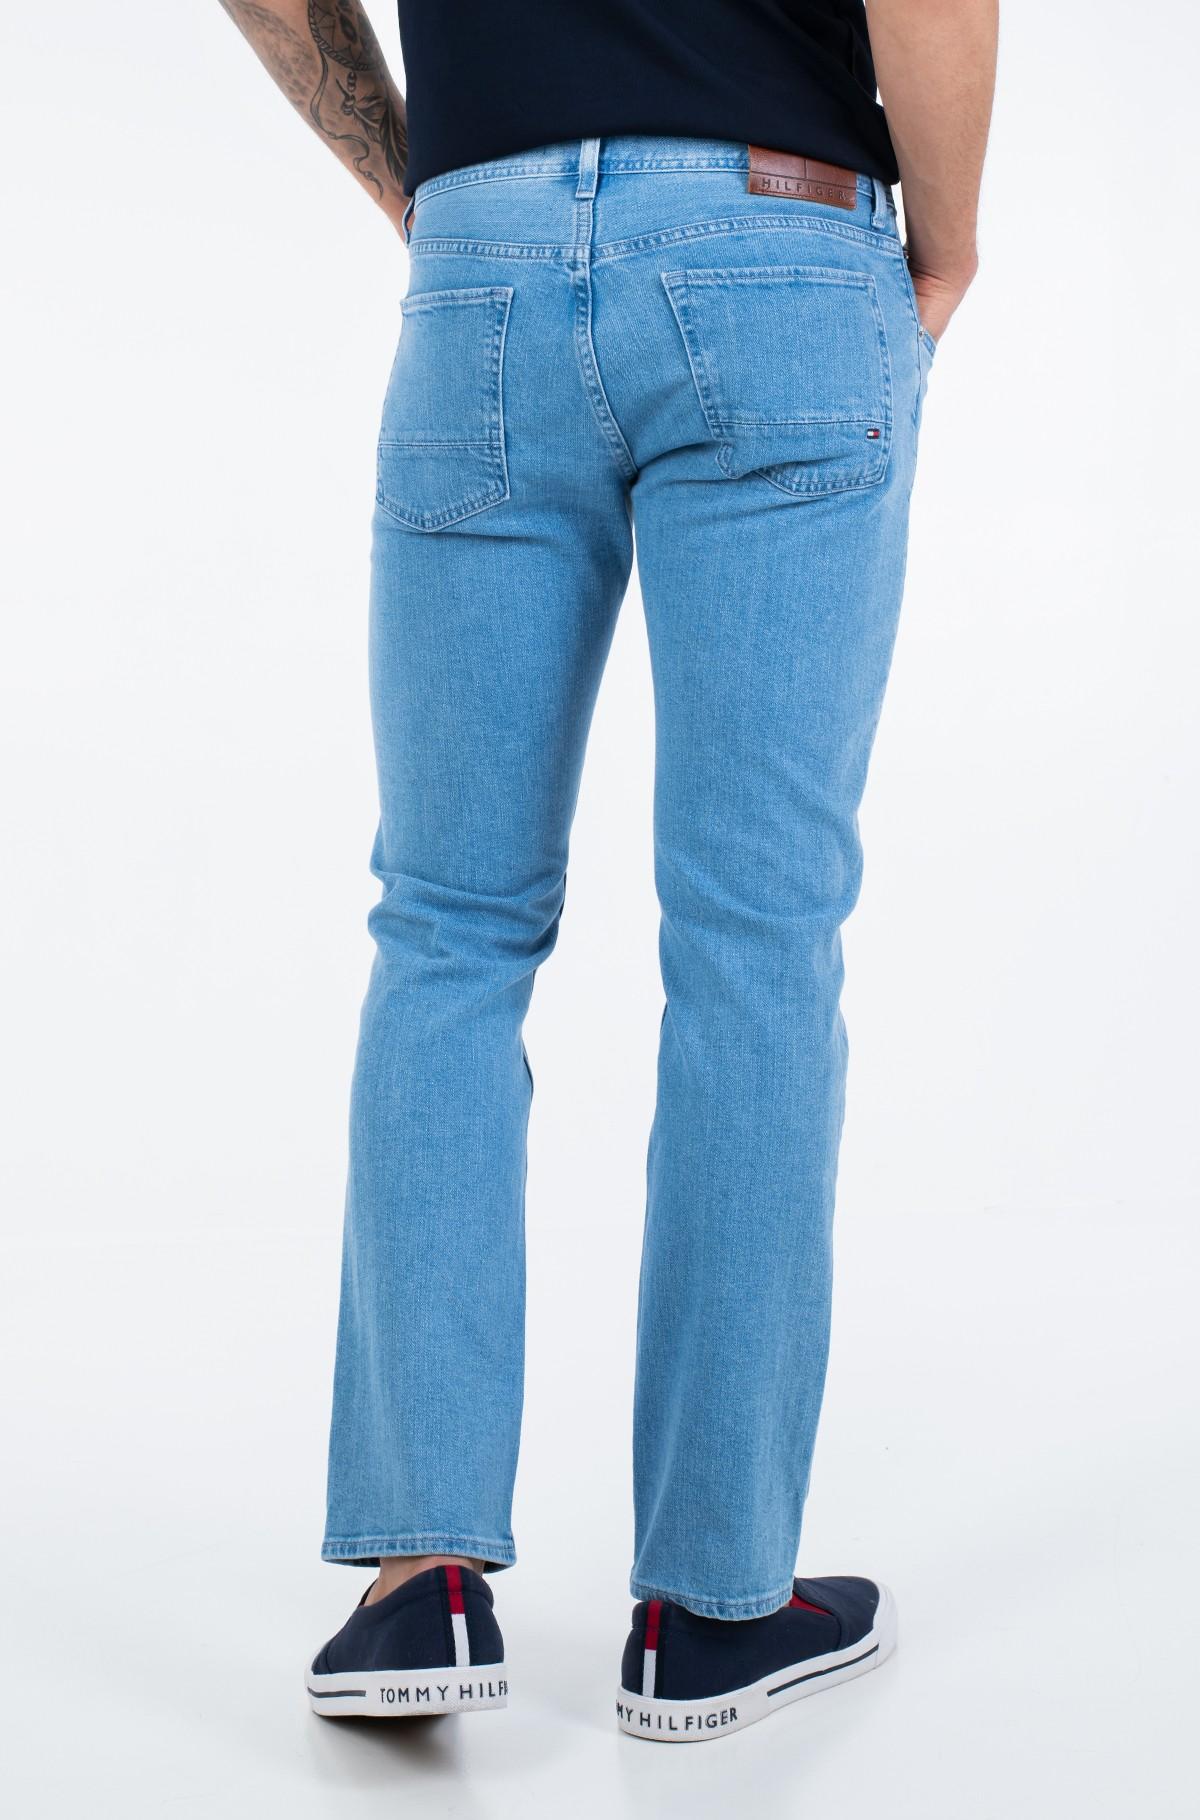 Džinsinės kelnės STRAIGHT DENTON STR ALTON BLUE-full-2